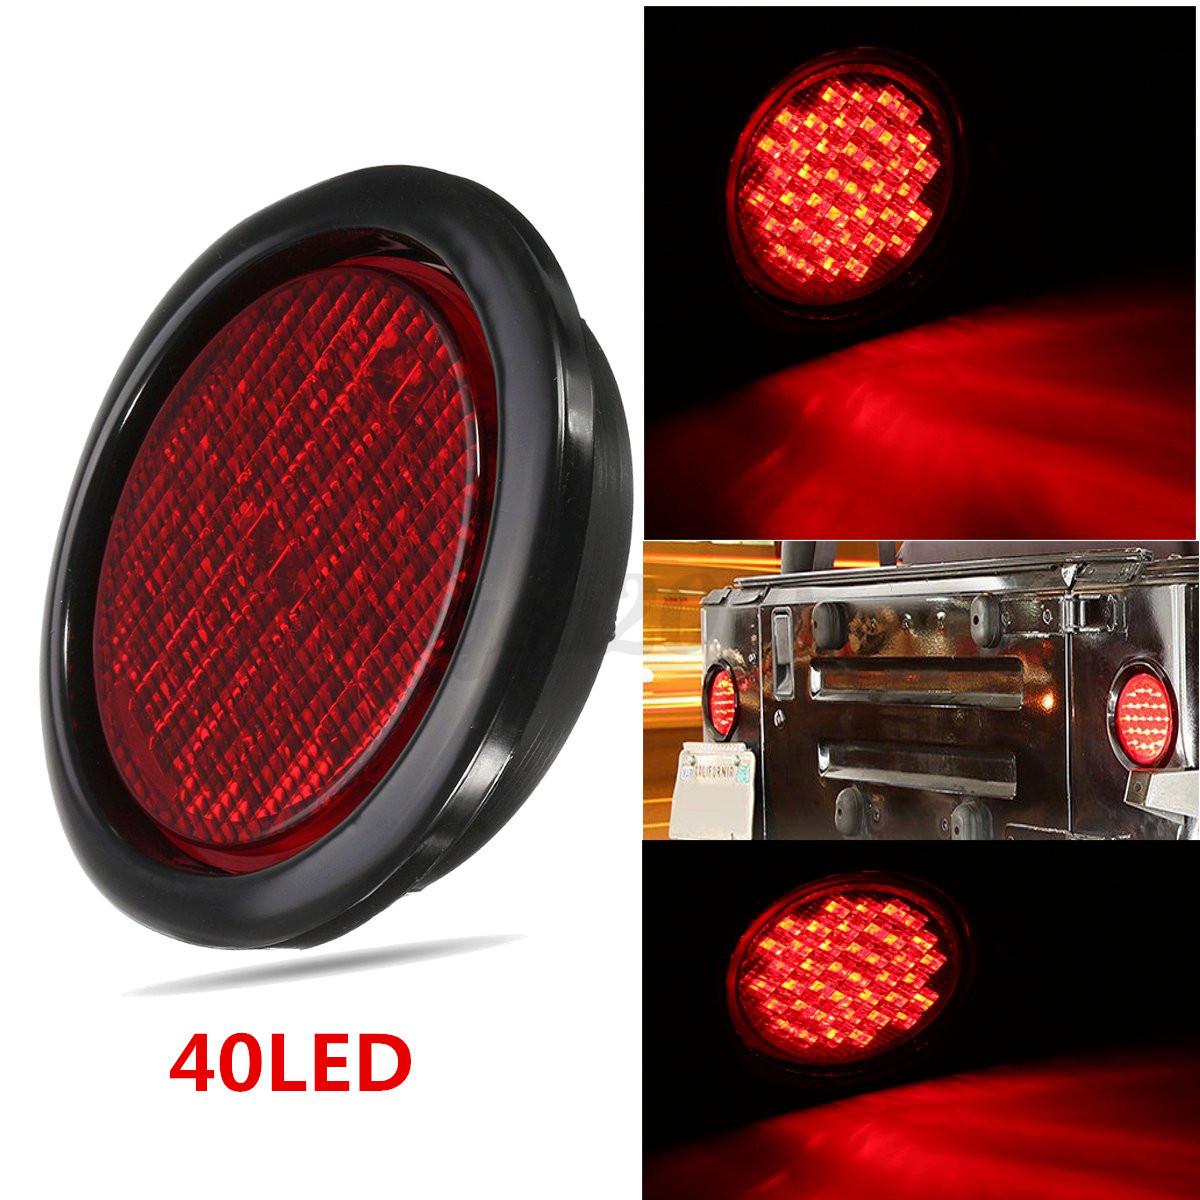 4 Round Red Led 12v Stop Turn Tail Light Flush Rubber